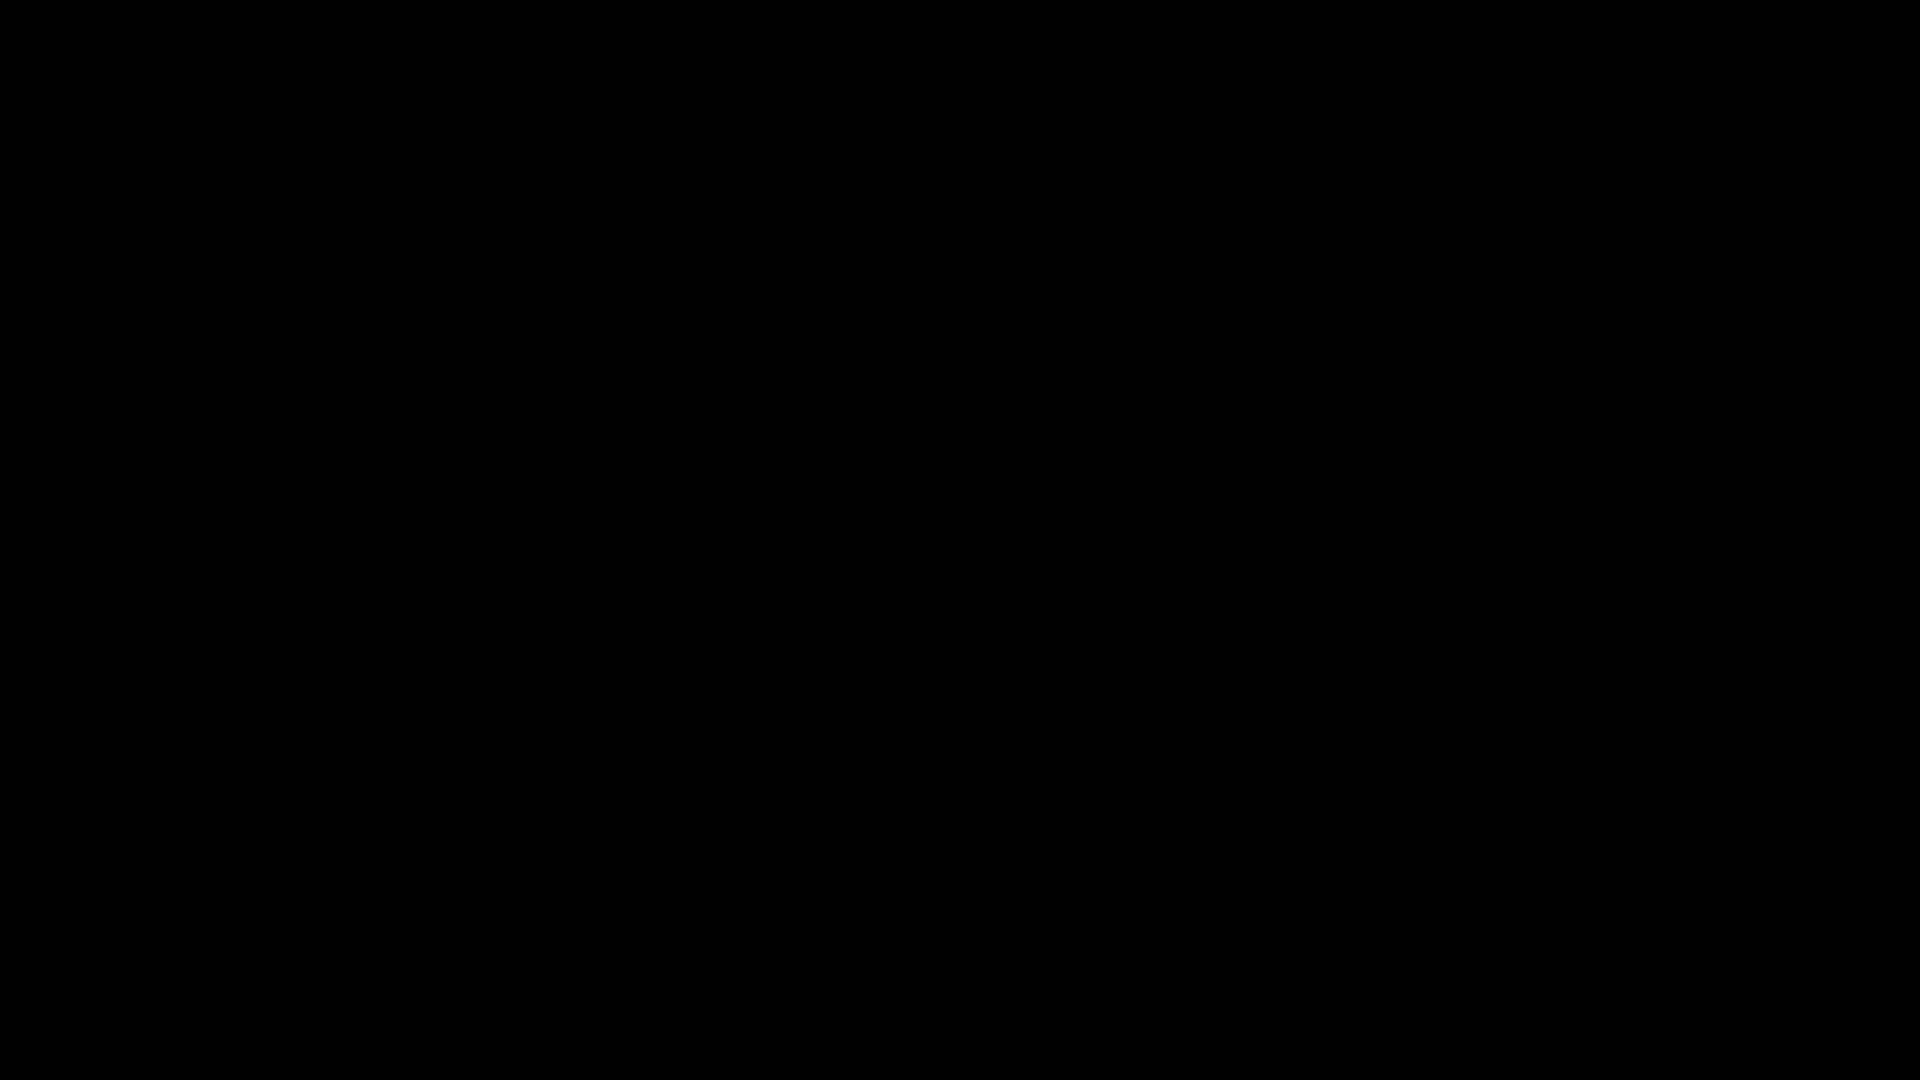 Открыткой скайпе, картинки черный квадрат 1920 1080